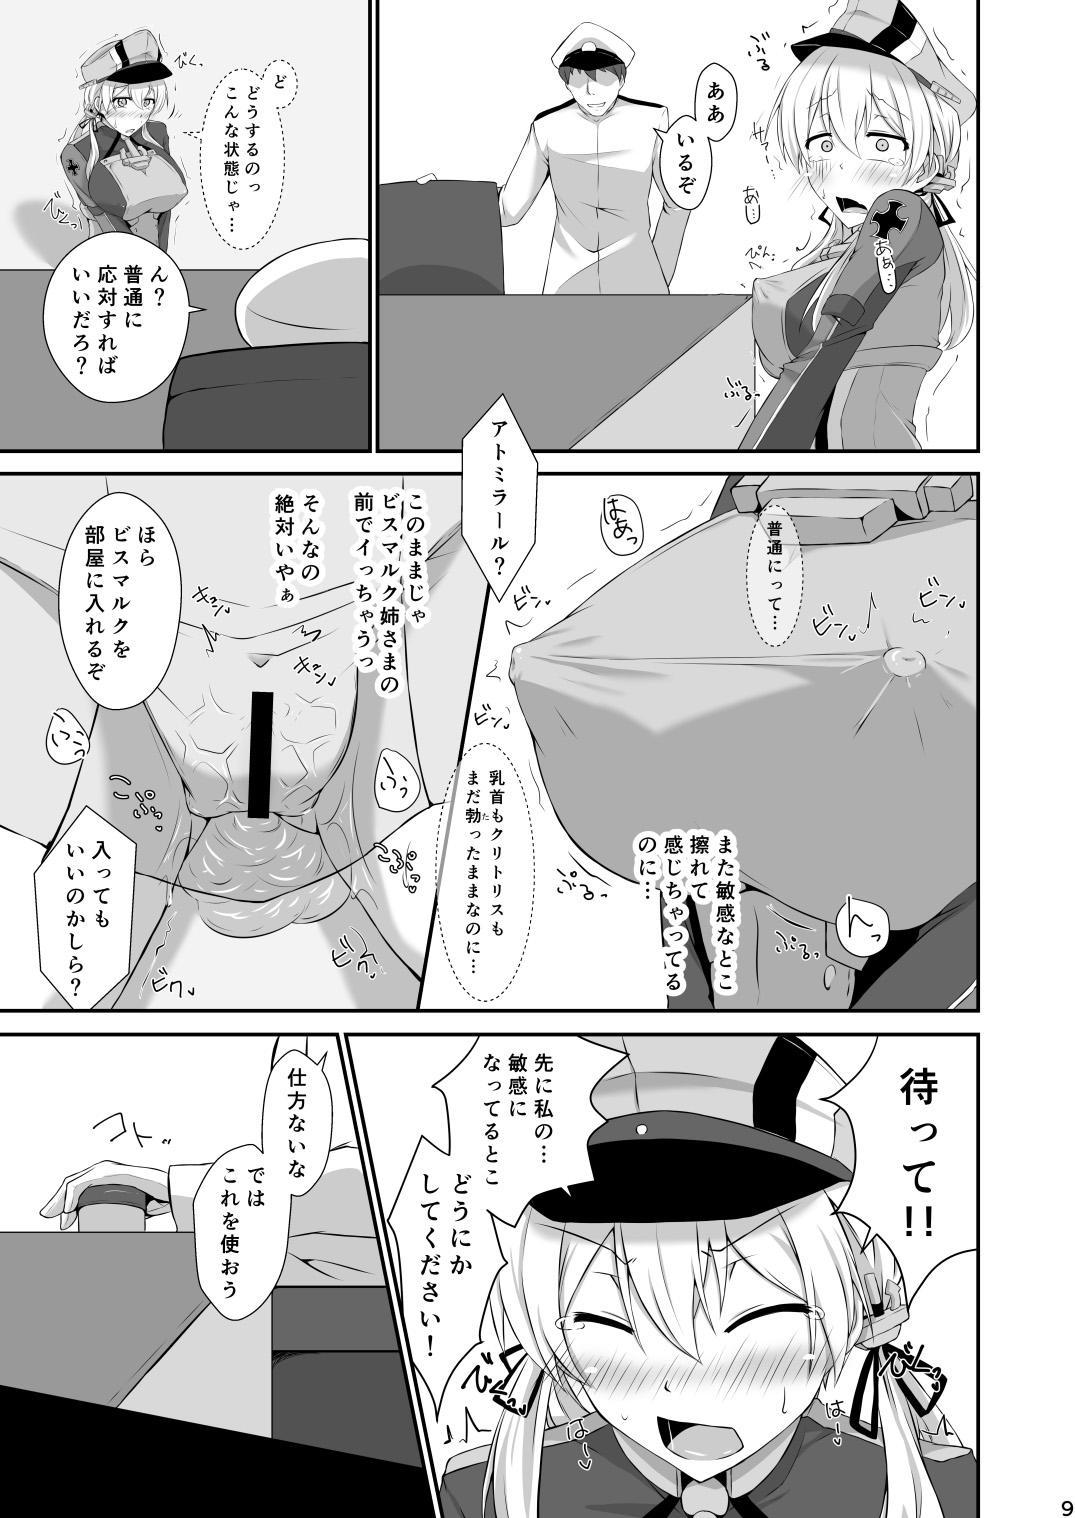 Doitsukan wa Biyakuzuke demo Ochitari Shimasen! 8